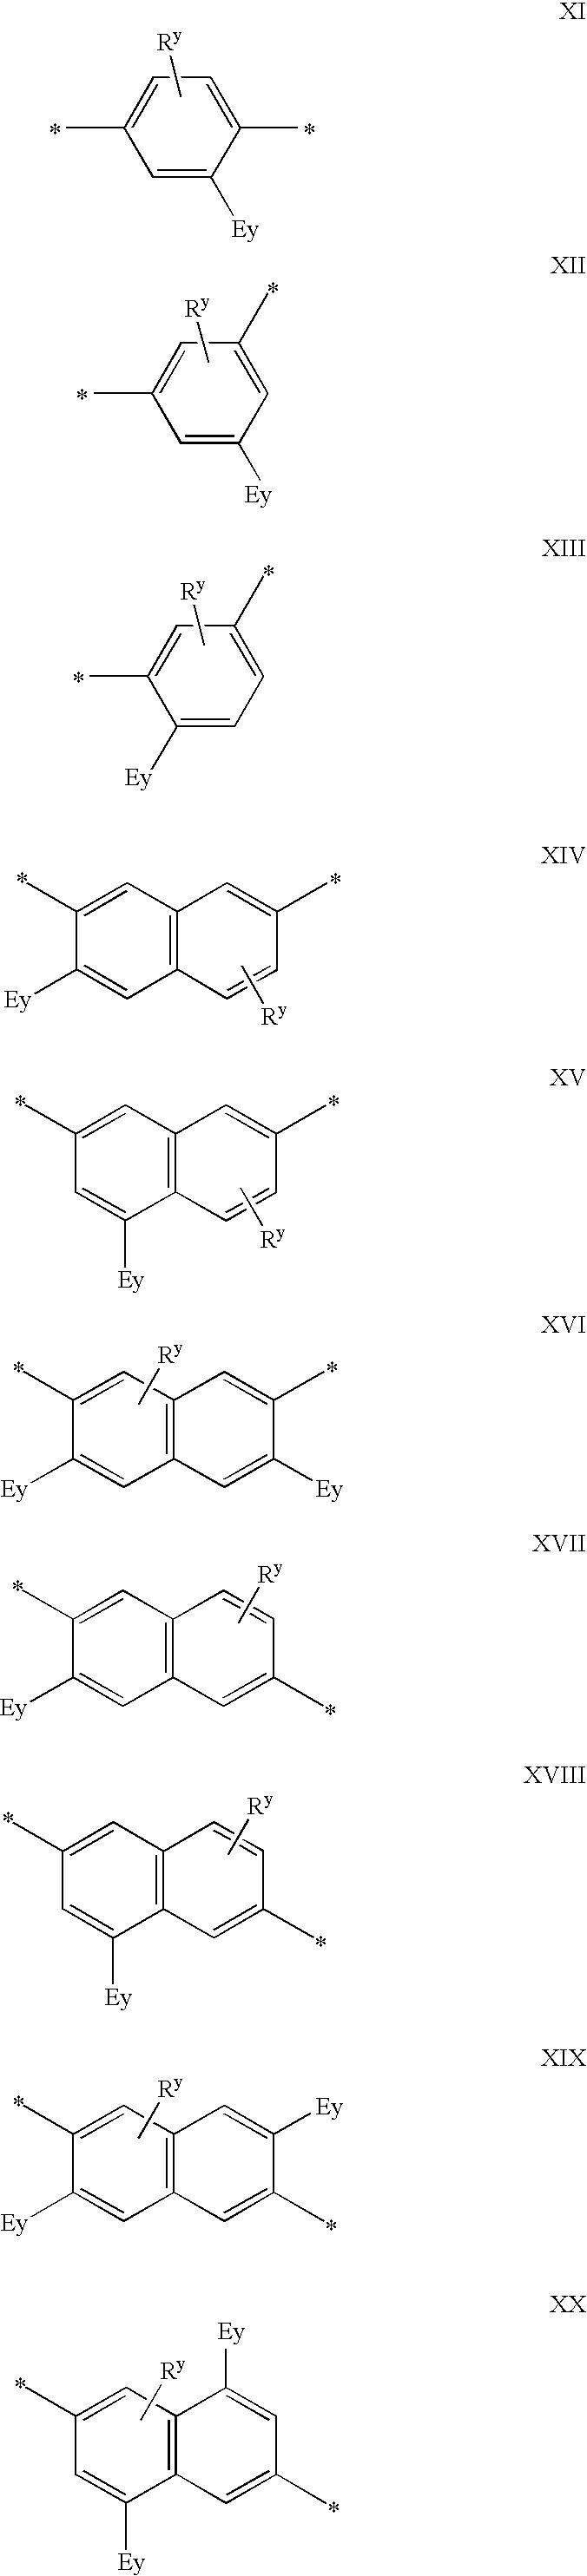 Figure US20040062930A1-20040401-C00077